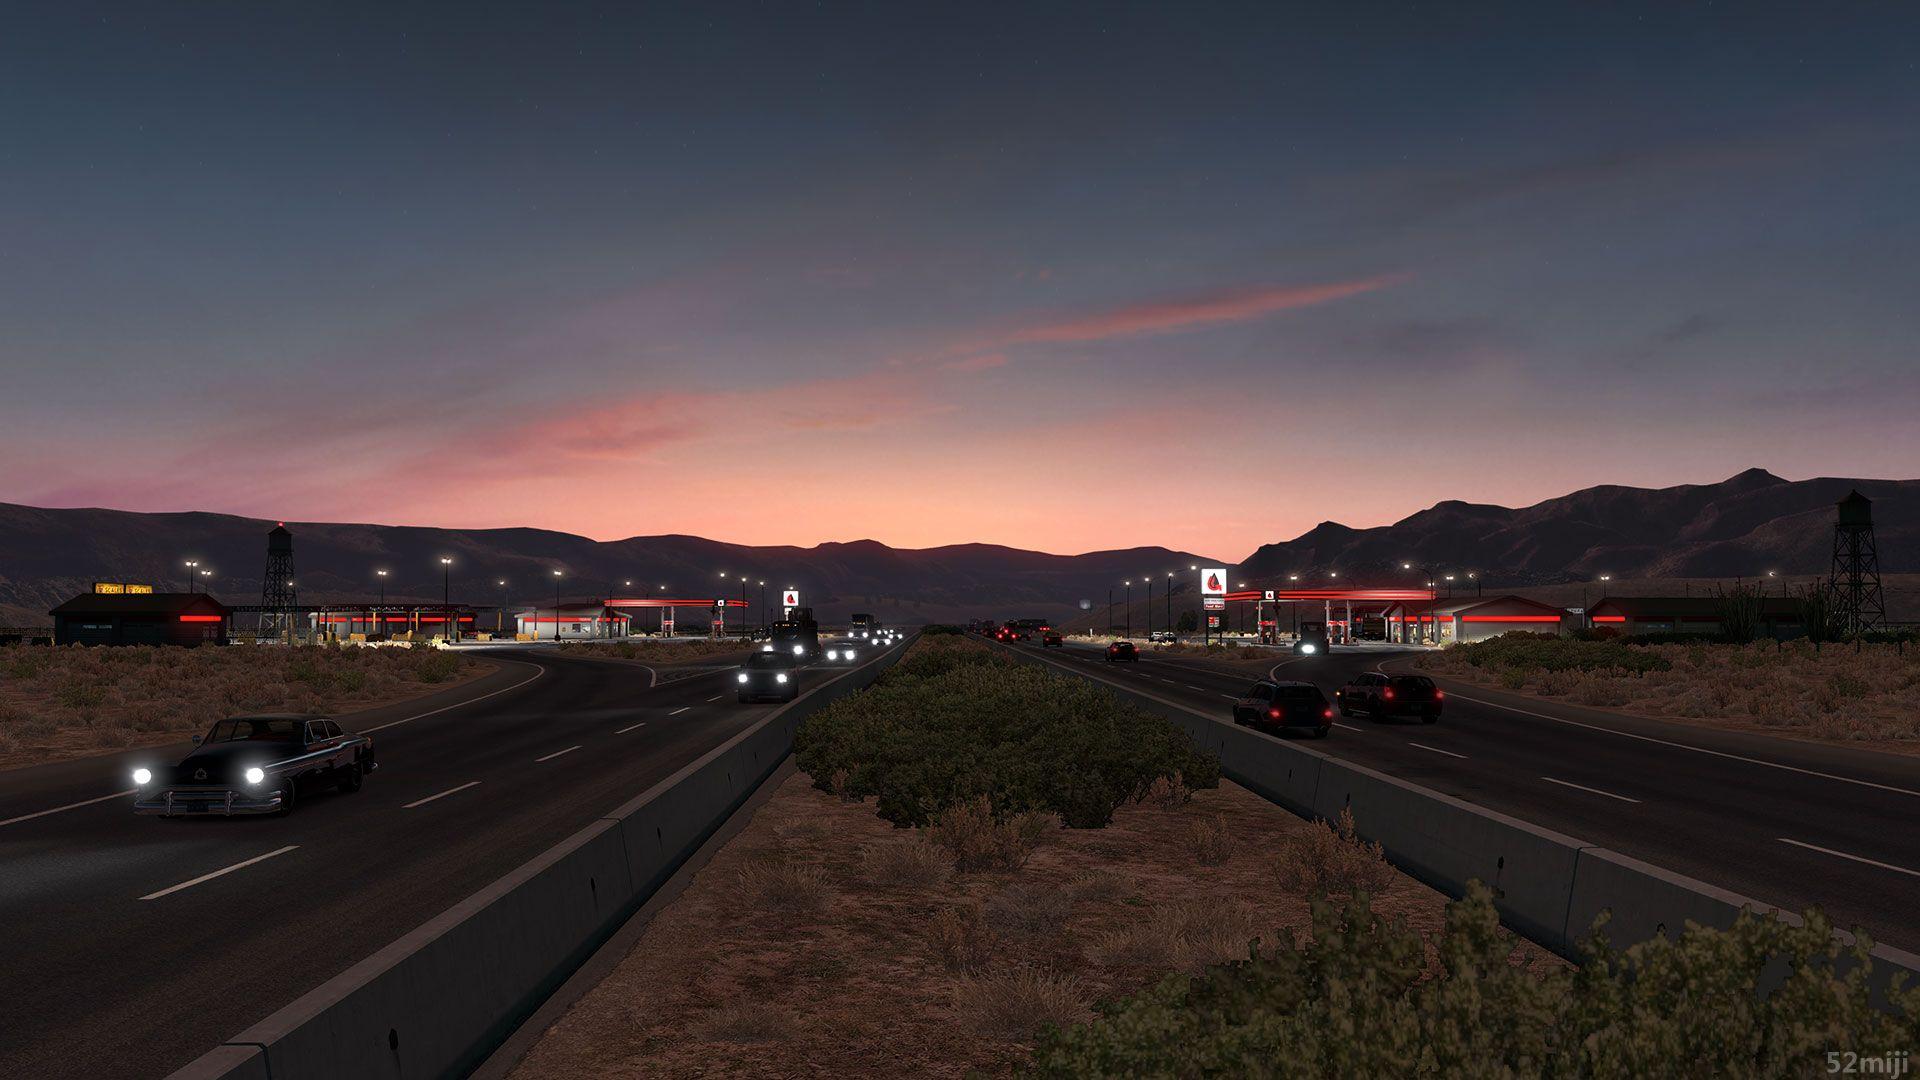 模拟美国卡车高速公路图片